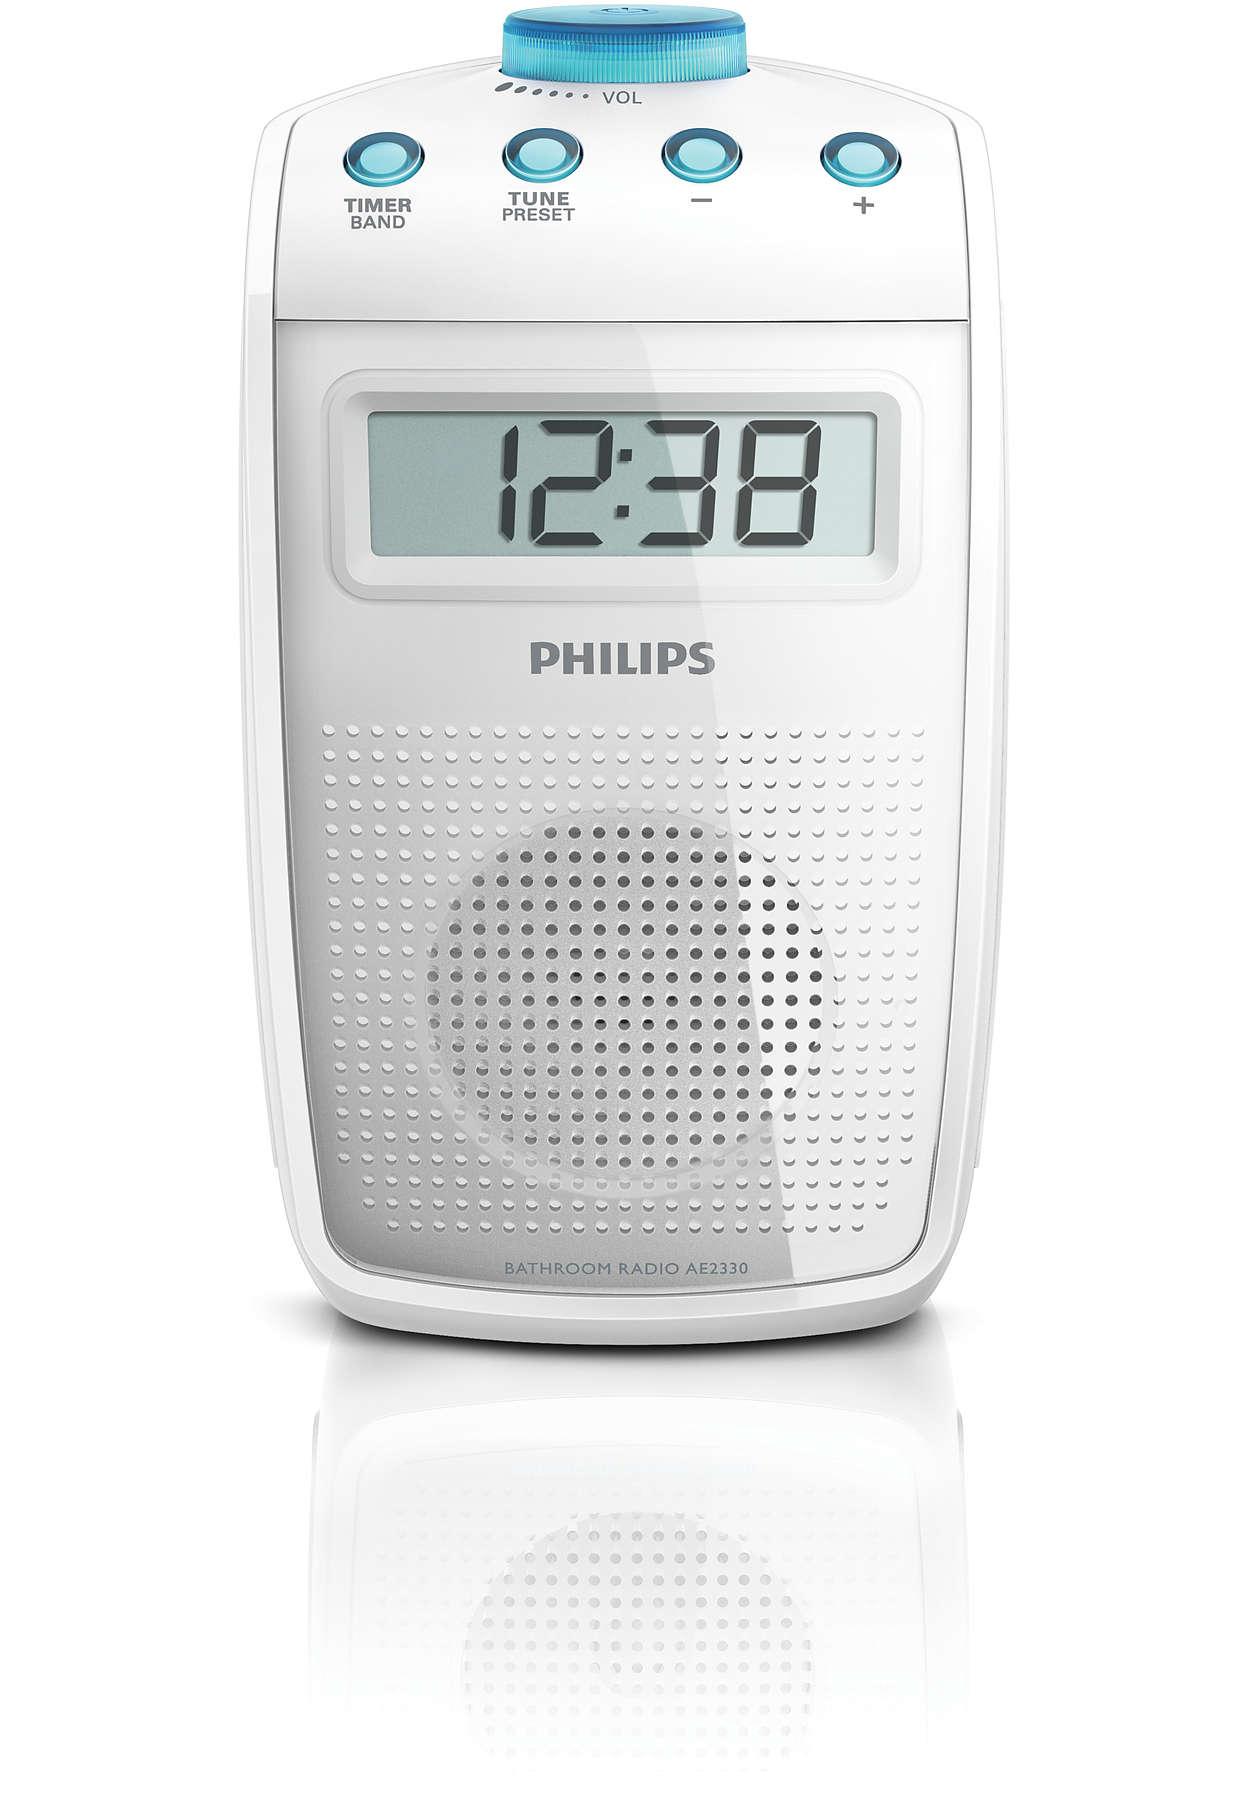 Badezimmer-Radio AE2330/02 | Philips